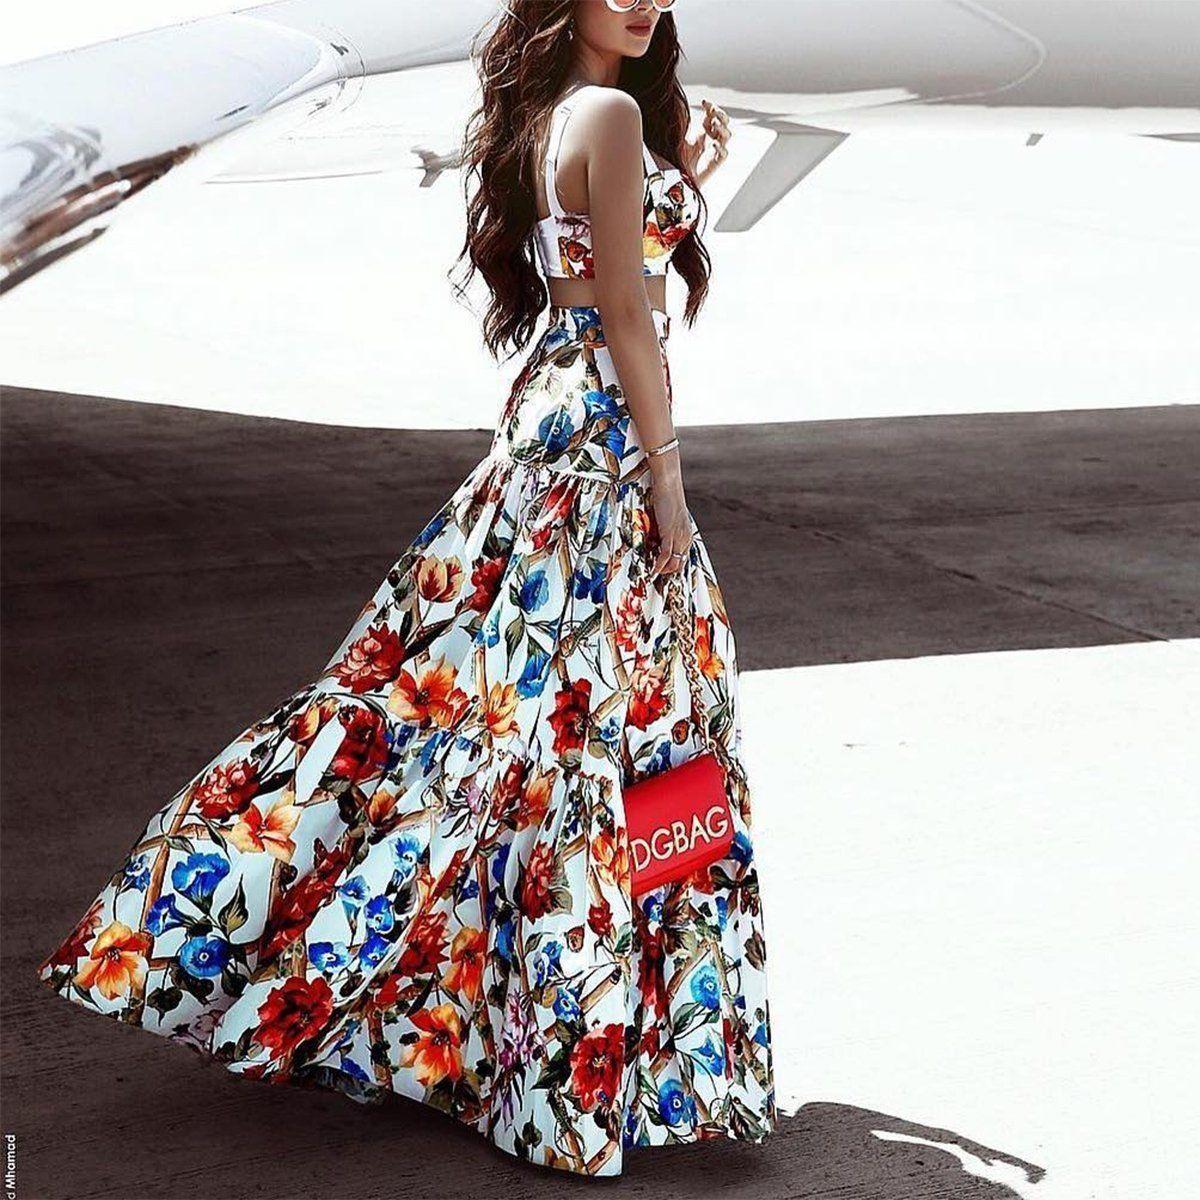 Fashion-женщины платье без рукавов 2Pcs наборов Ruffled Western Style Sexy отдых юбка пляж Flora Печатных платьев